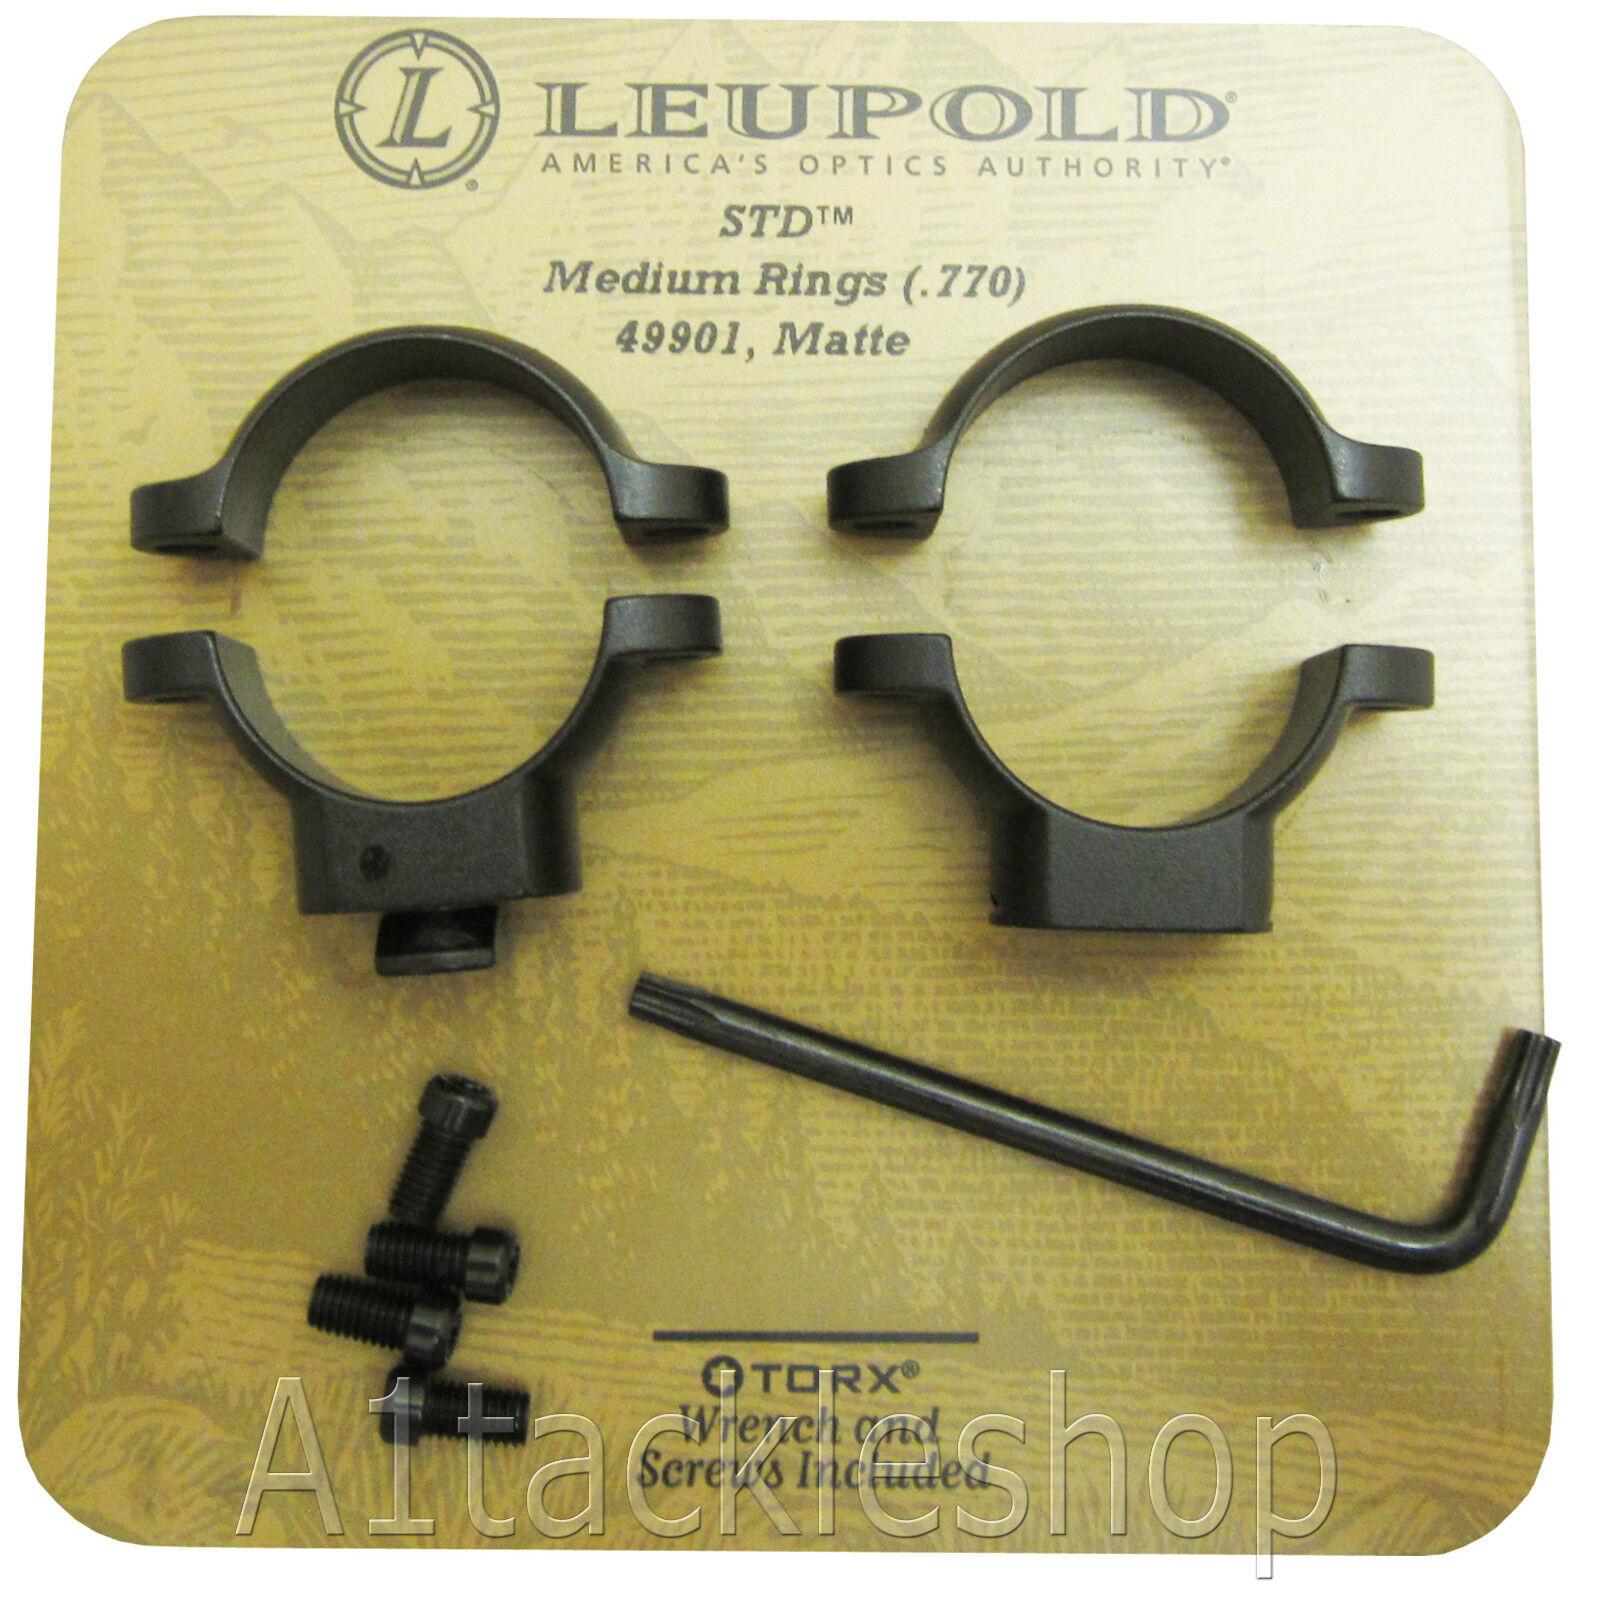 Leupold 1  Std Soporte De los anillos de  alcance-elegir Altura-Estándar Negro Mate  precios mas baratos